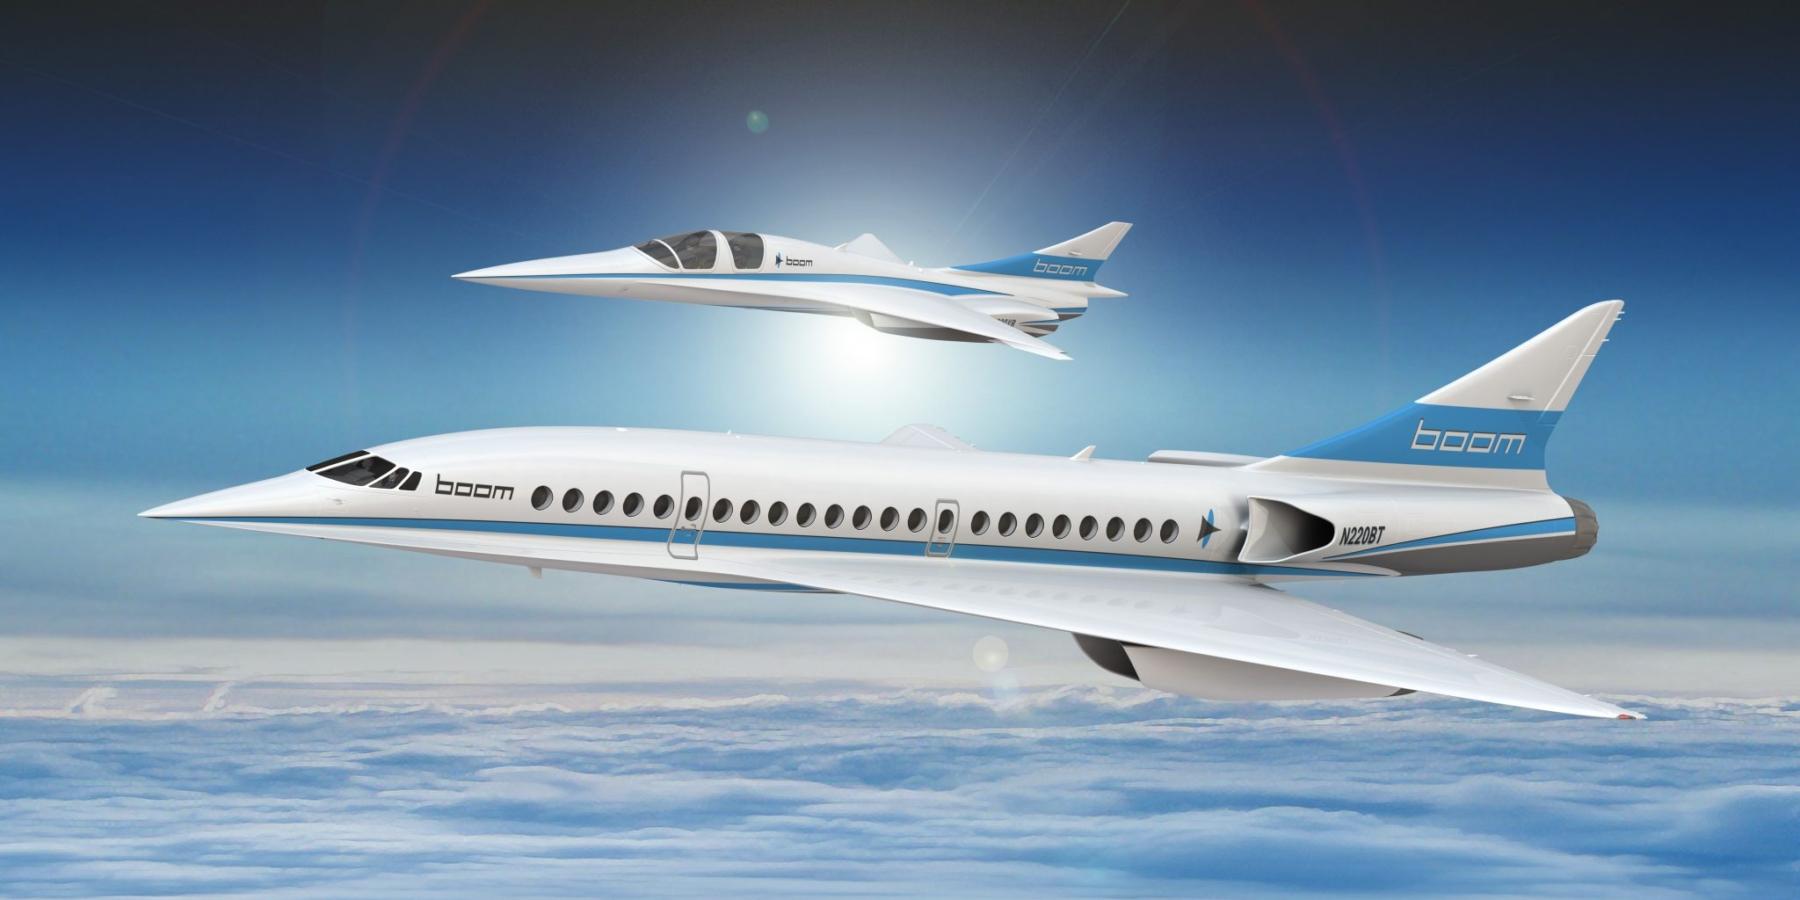 Prasówka IT inowe technologie #27 Nowy odrzutowiec skróci podróże lotnicze opołowę